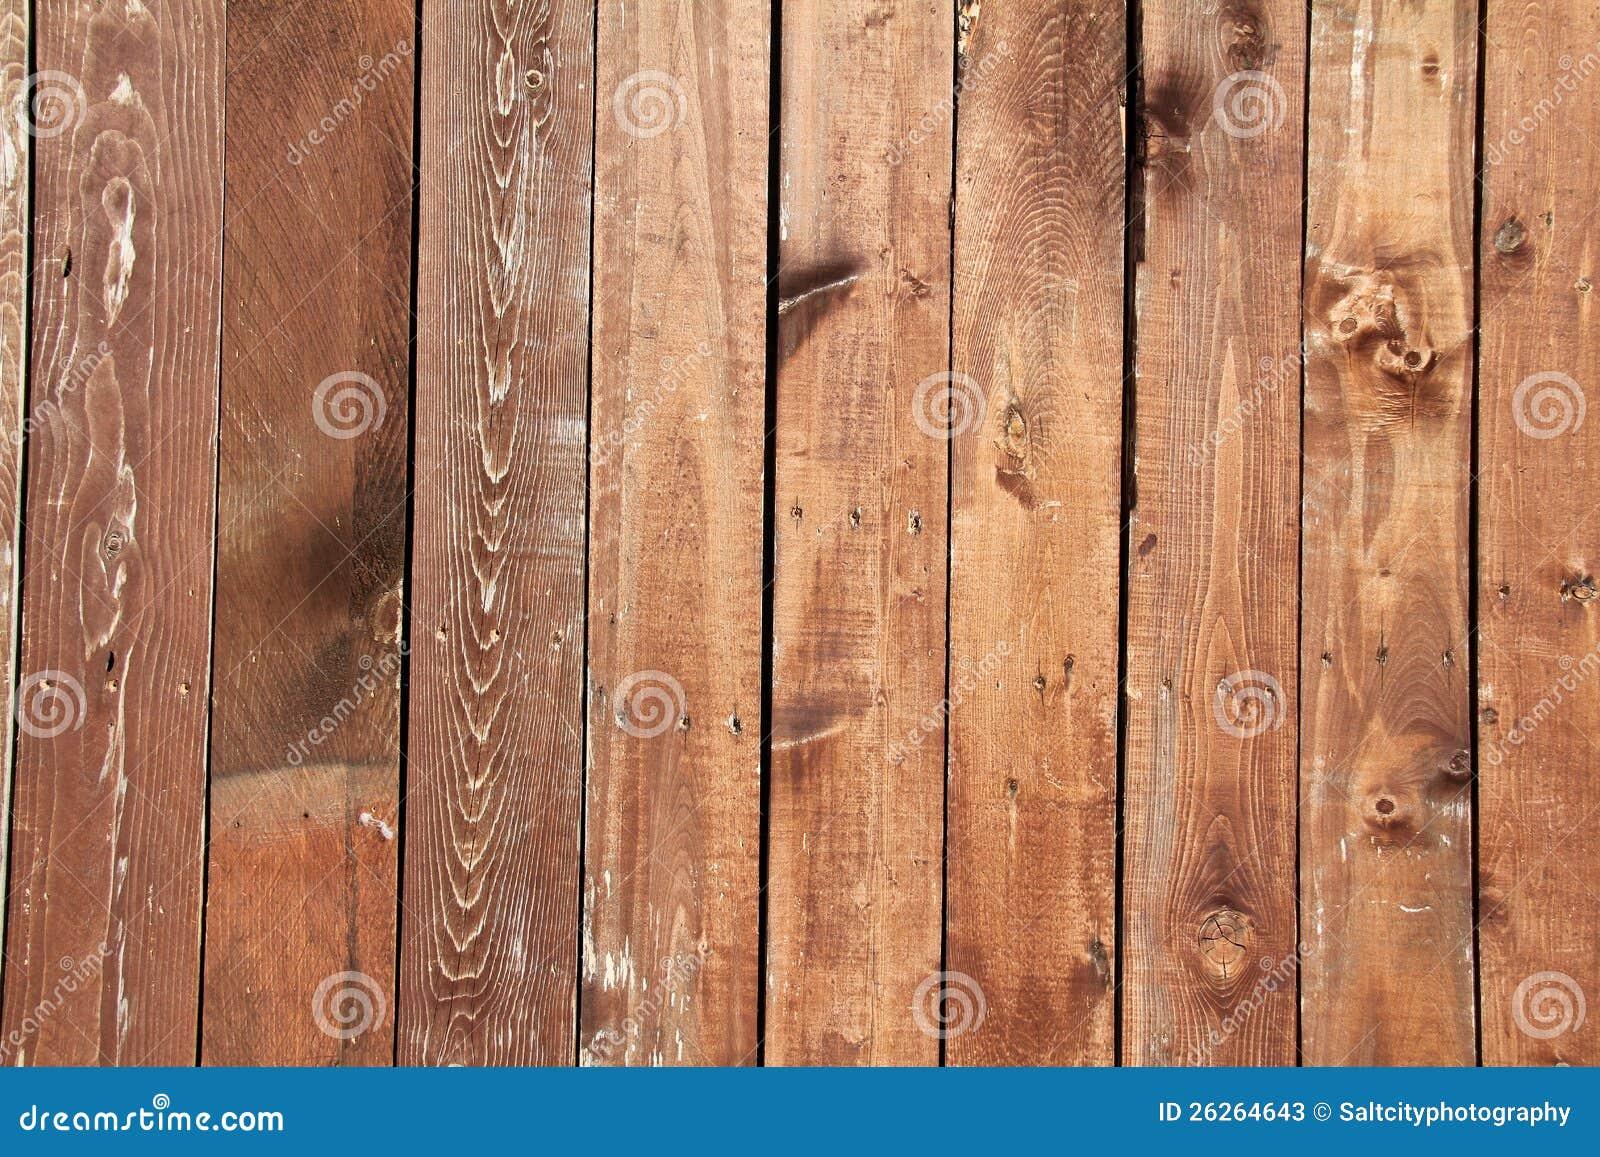 Wood paneling background stock photos image